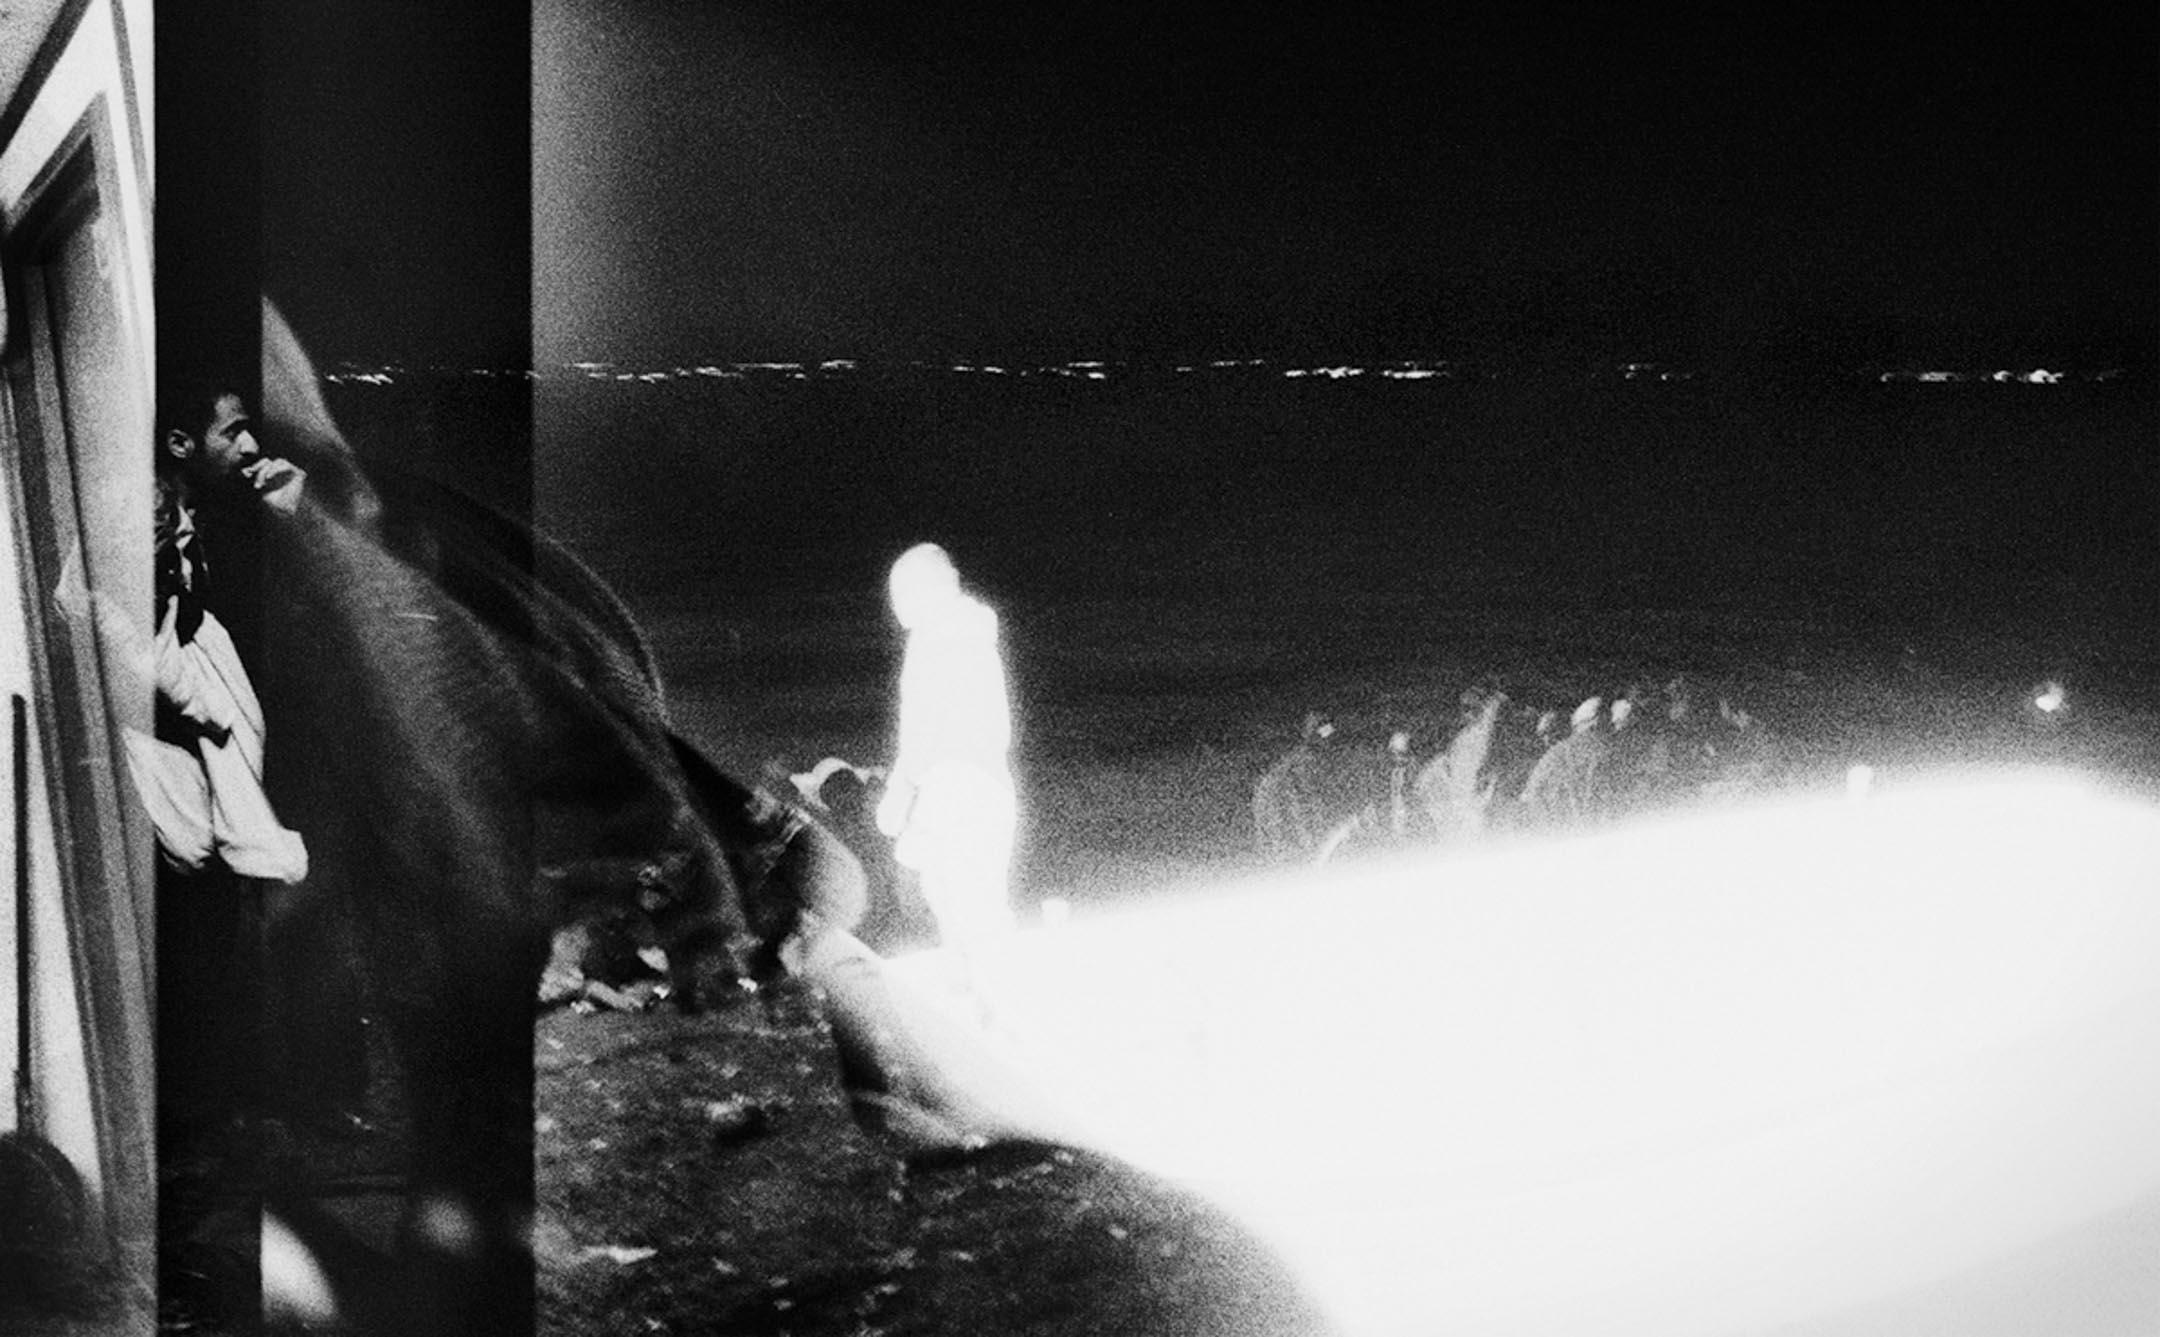 【日光節約時間 Daylight Saving Time】黑白平面攝影系列 Rigonce, Slovenia (2015) 。 攝影:張雍 Simon Chang